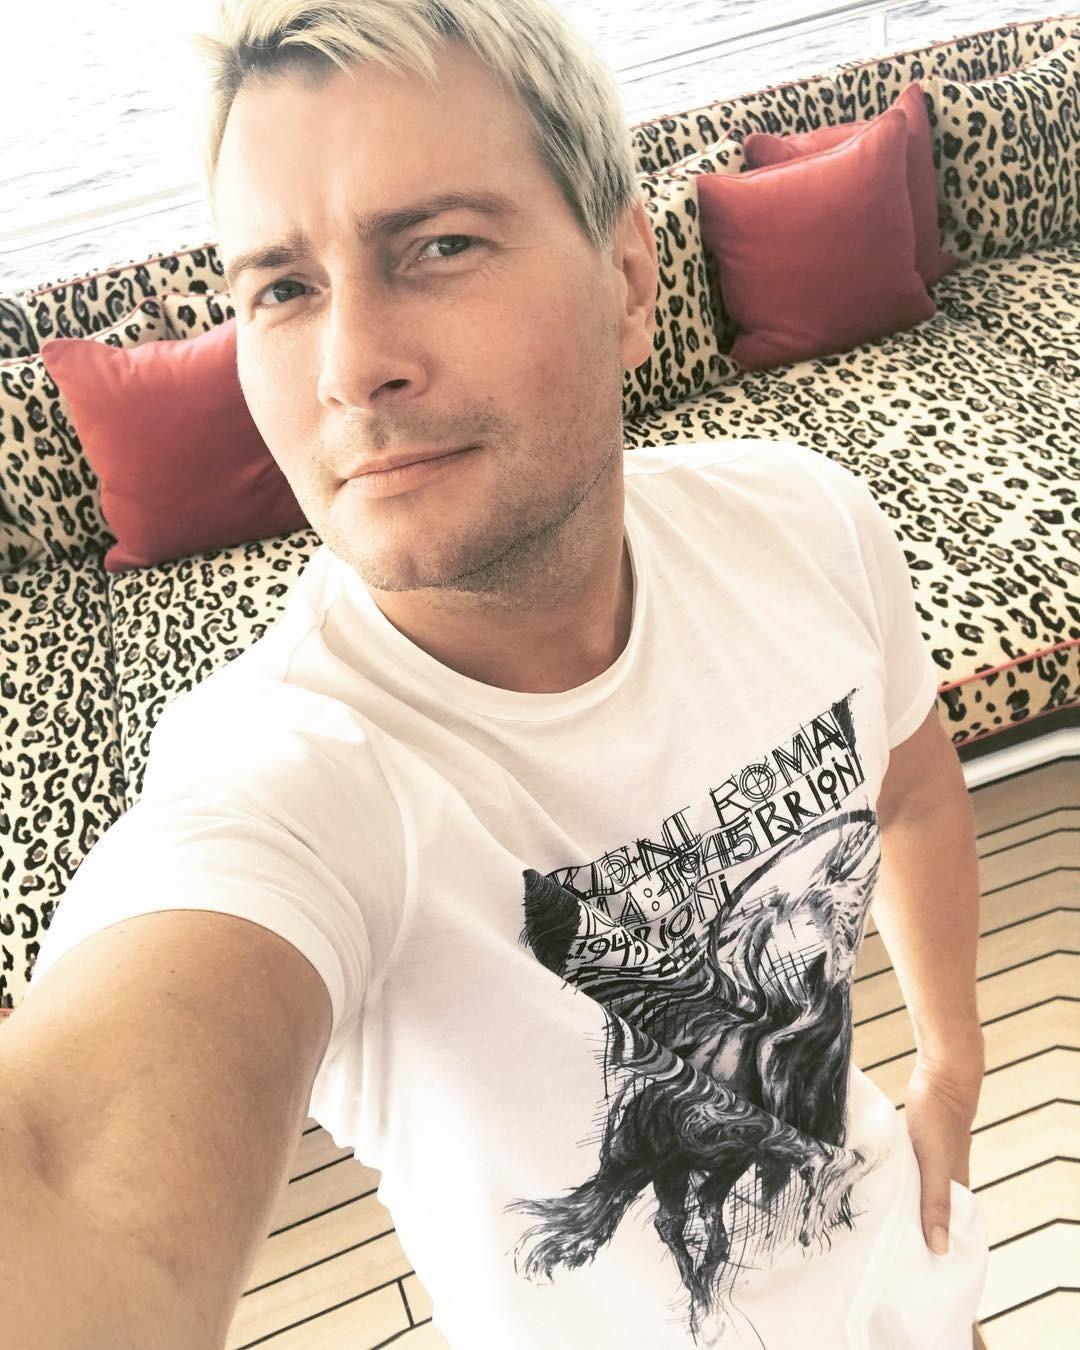 Еще один любимый Николаем Басковым «итальянец» - Brioni. Во время своего летнего путешествия в Италию артист часто публиковал фотографии в футболках и шортах этого бренда. Стоимость образ...